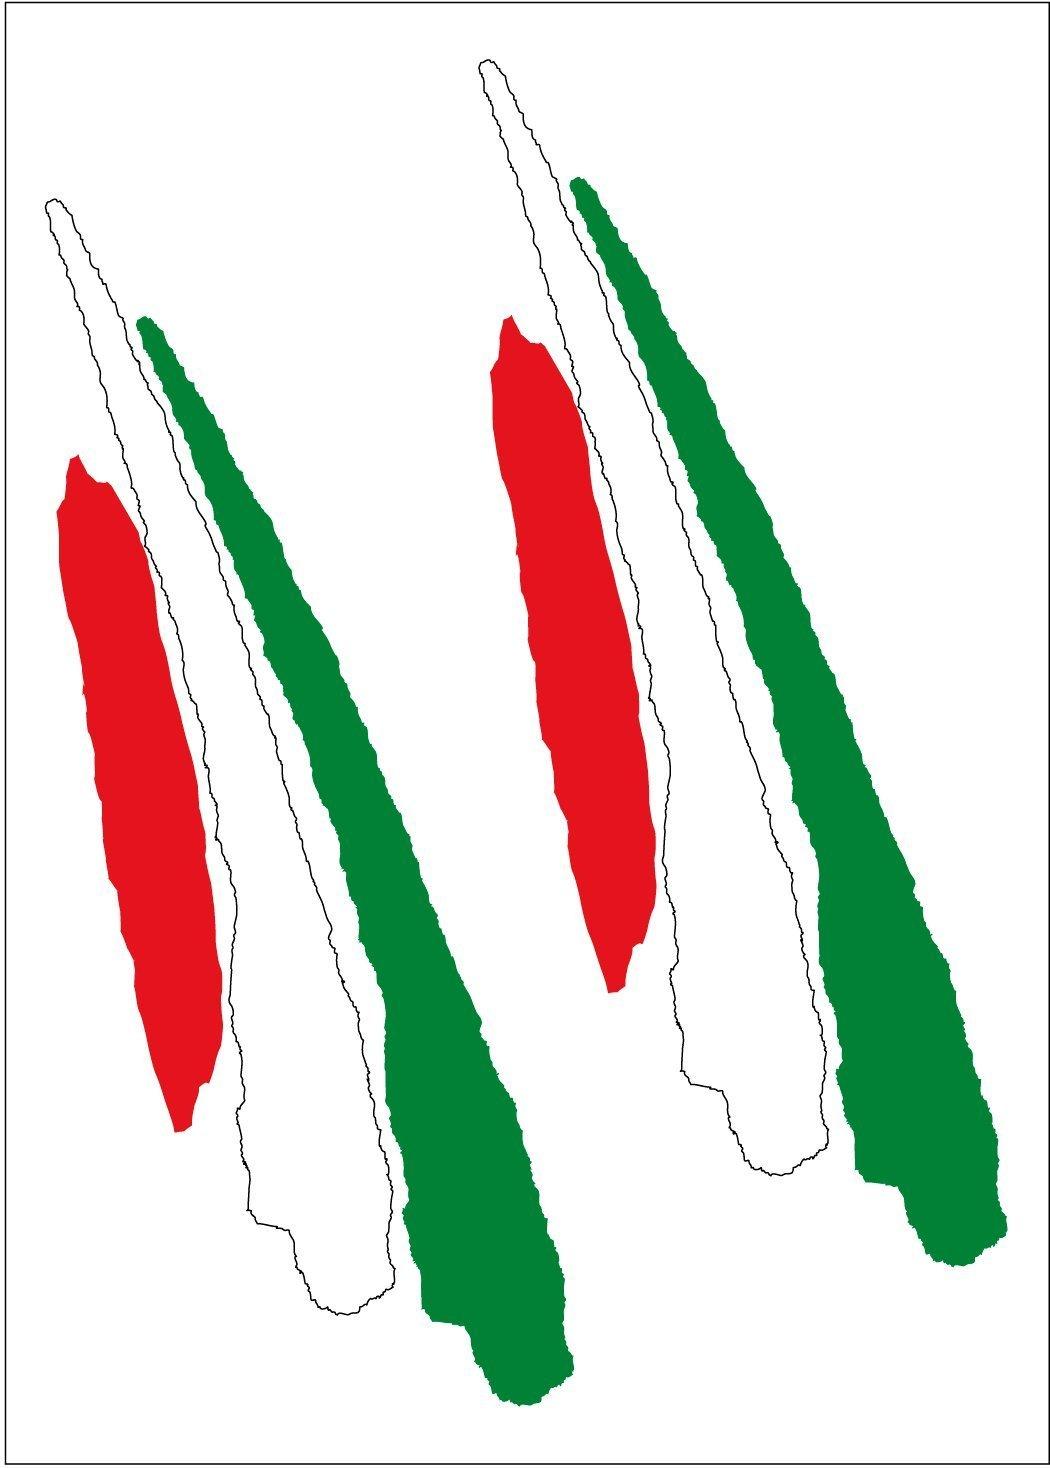 Adesivo Bandiera tracce2 Italia 2 pz 90x25 mm//pz.